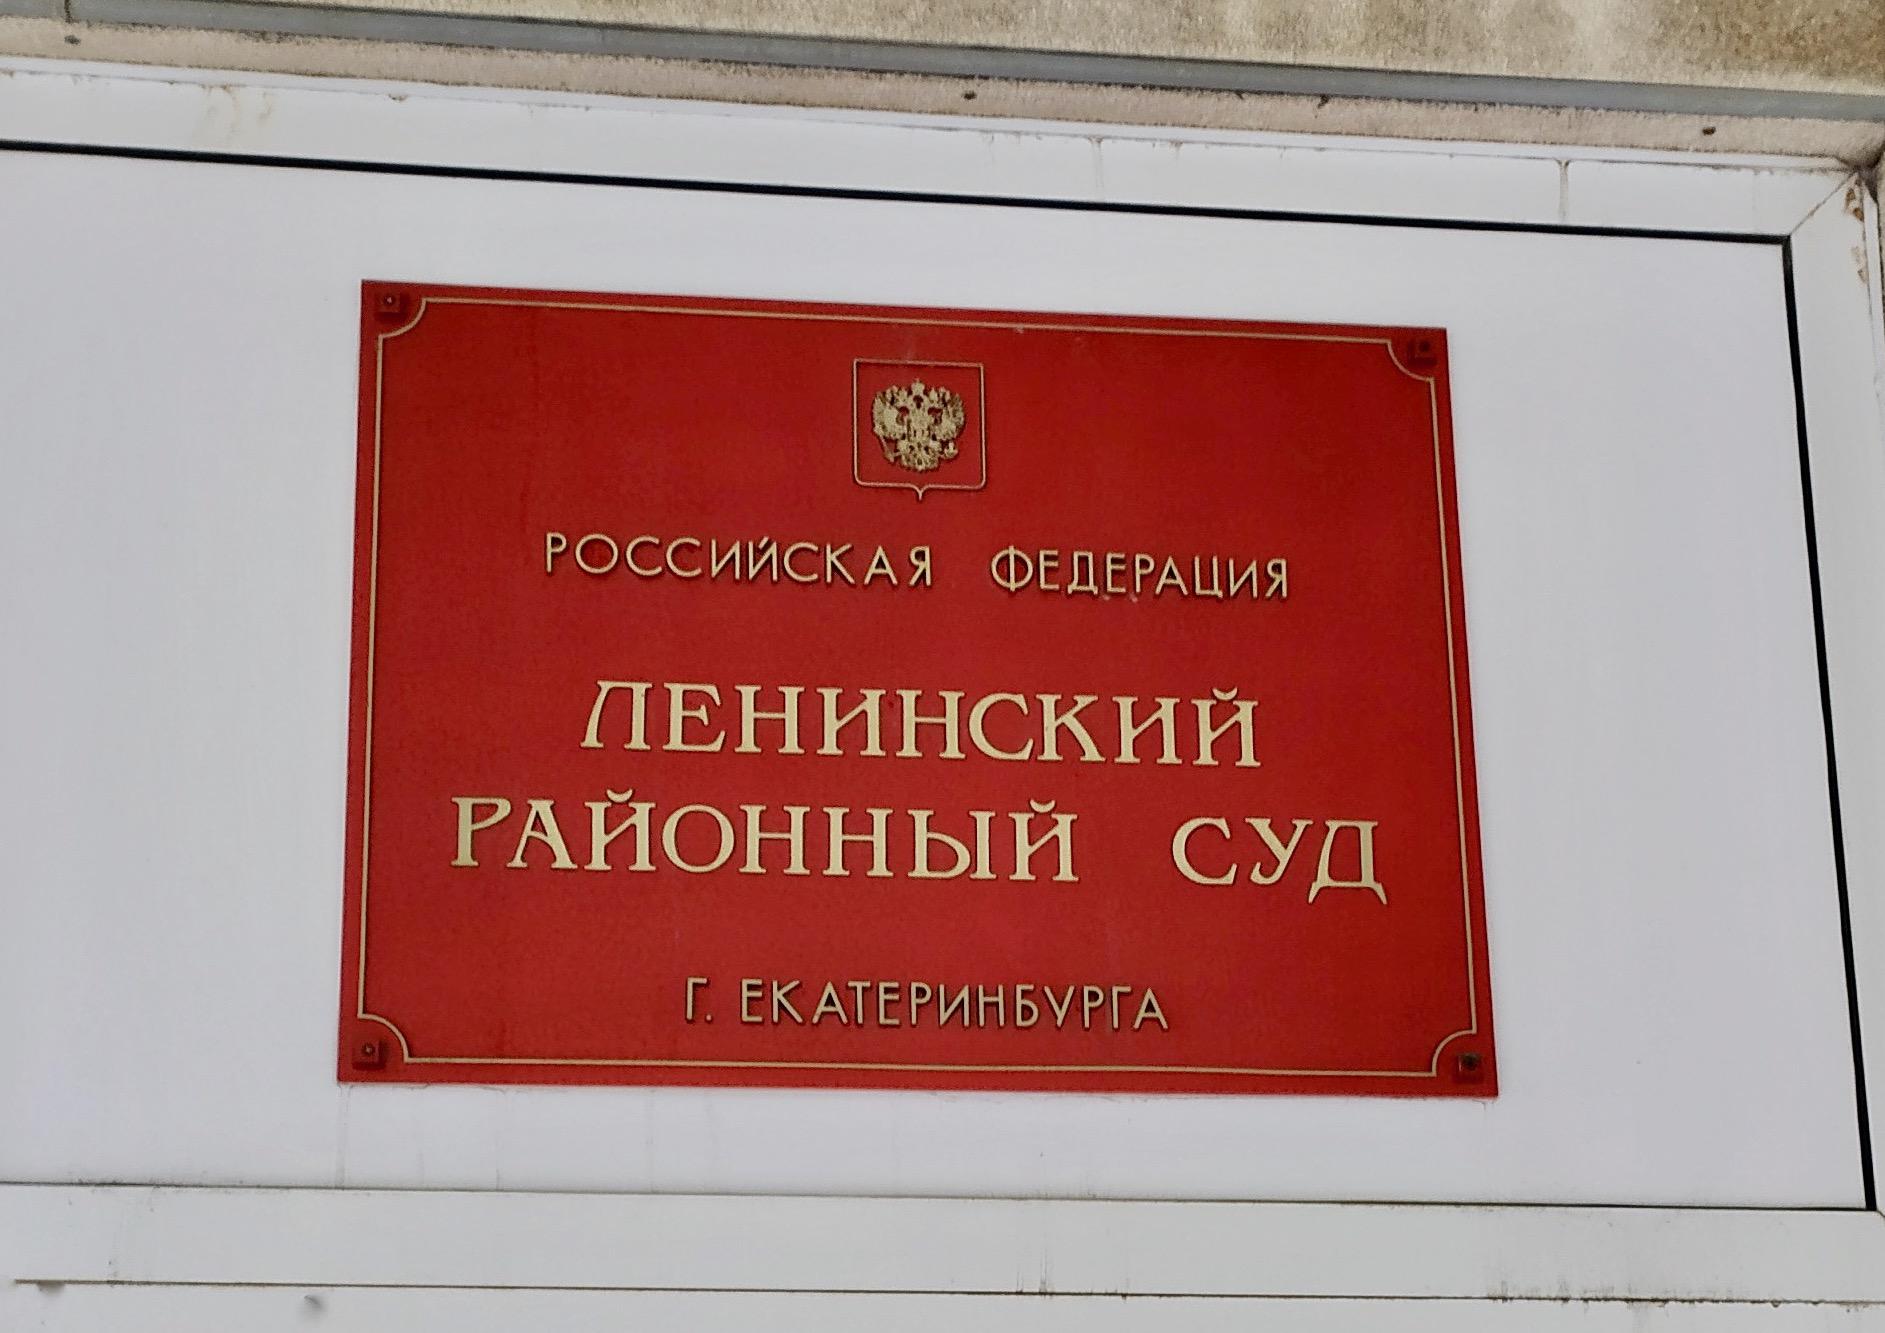 Без вынесения приговора прекращено уголовное преследование по ст. 264 УК. Полная, победа! 😇